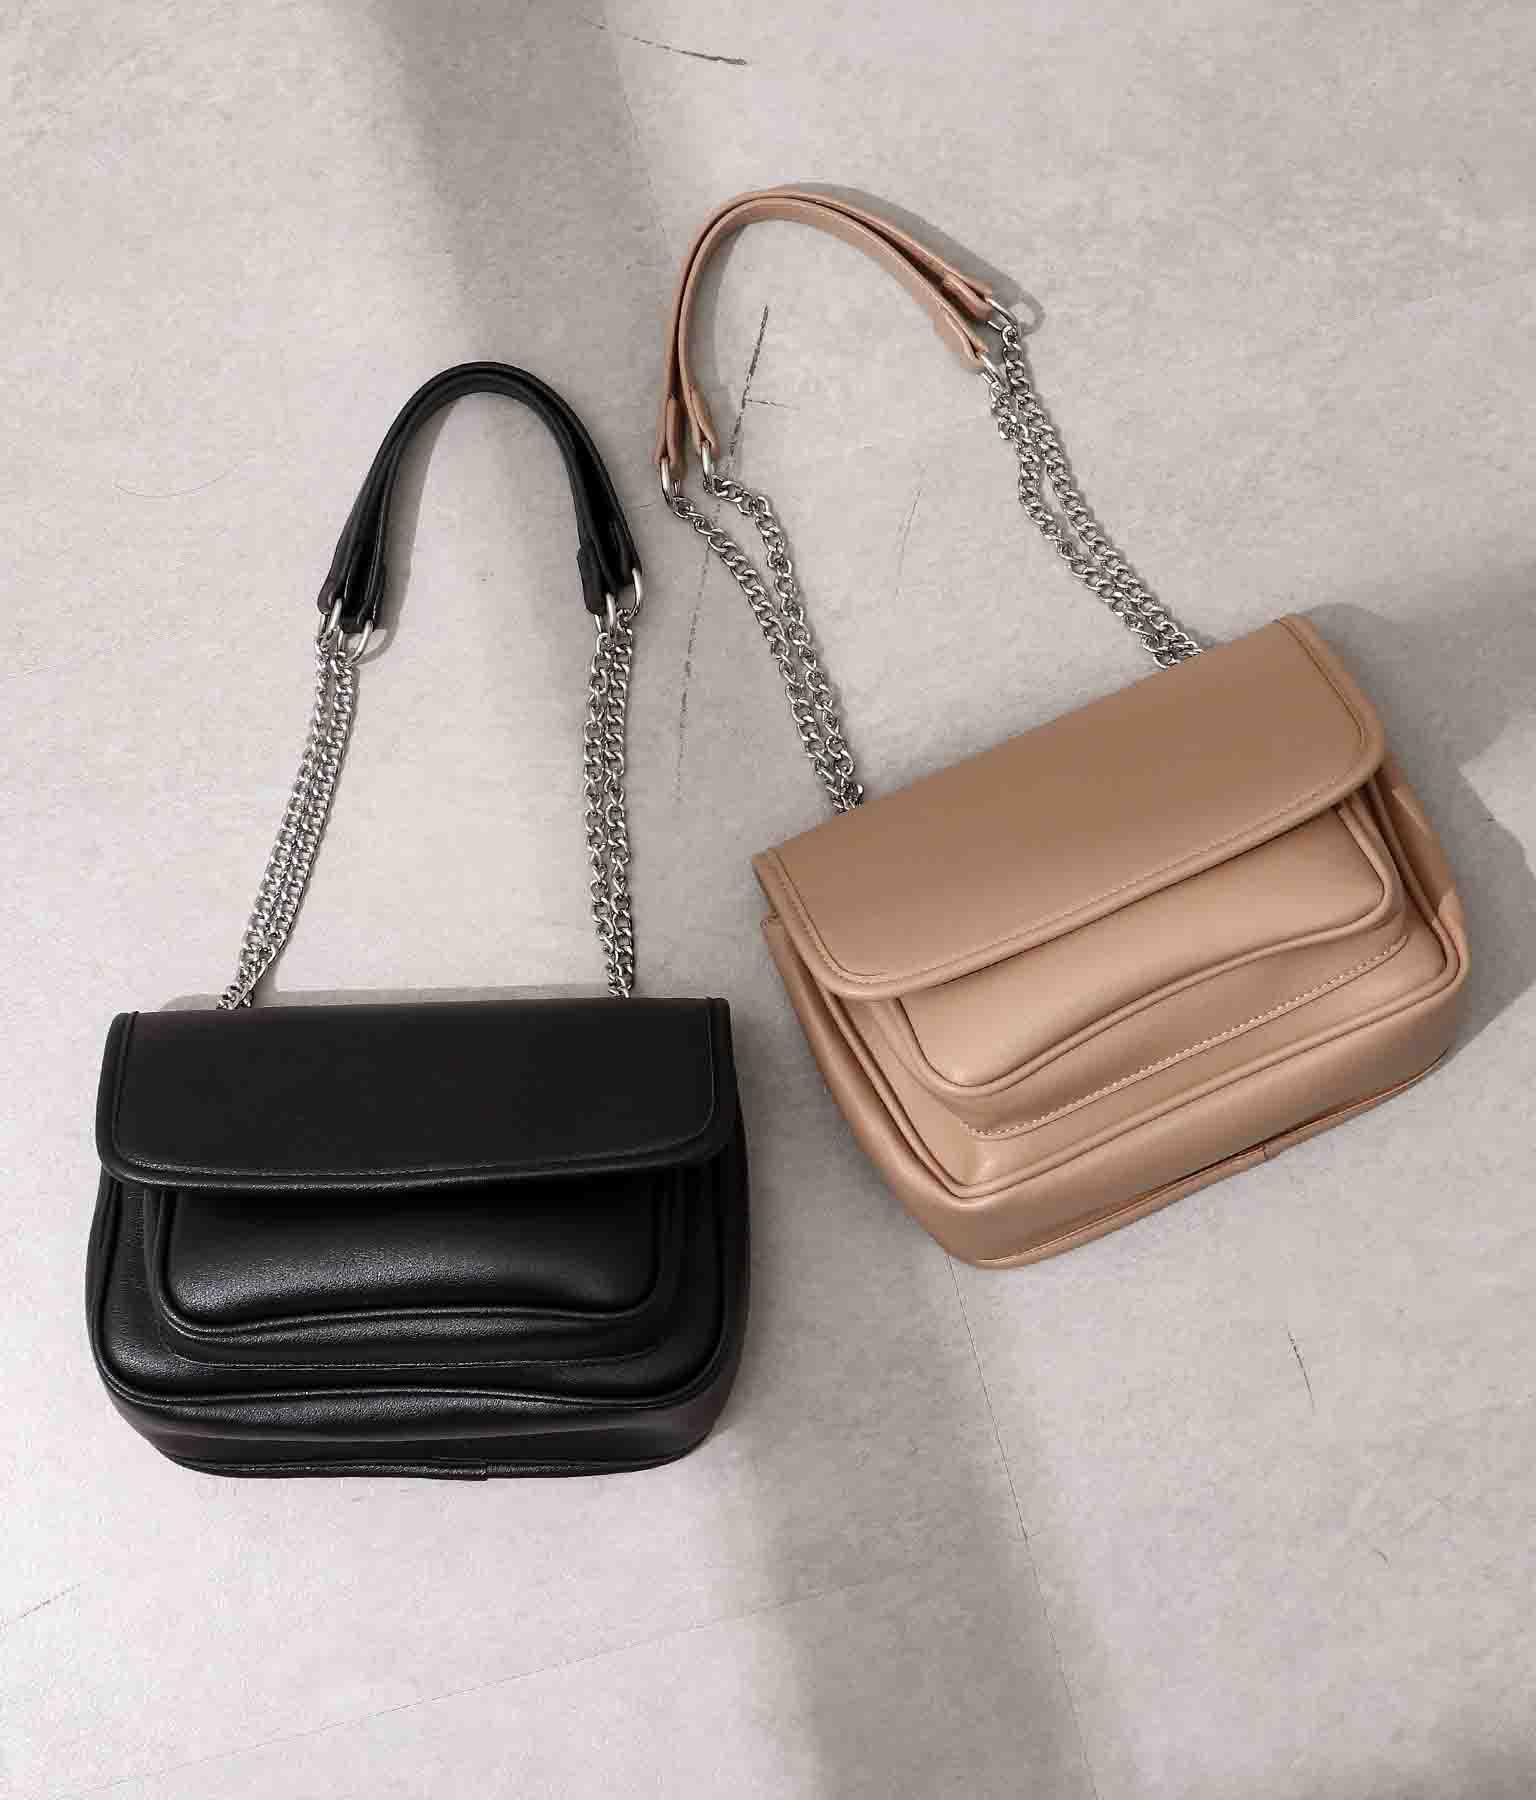 2WAYチェーンバッグ(バッグ・鞄・小物/ショルダーバッグ) | ANAP